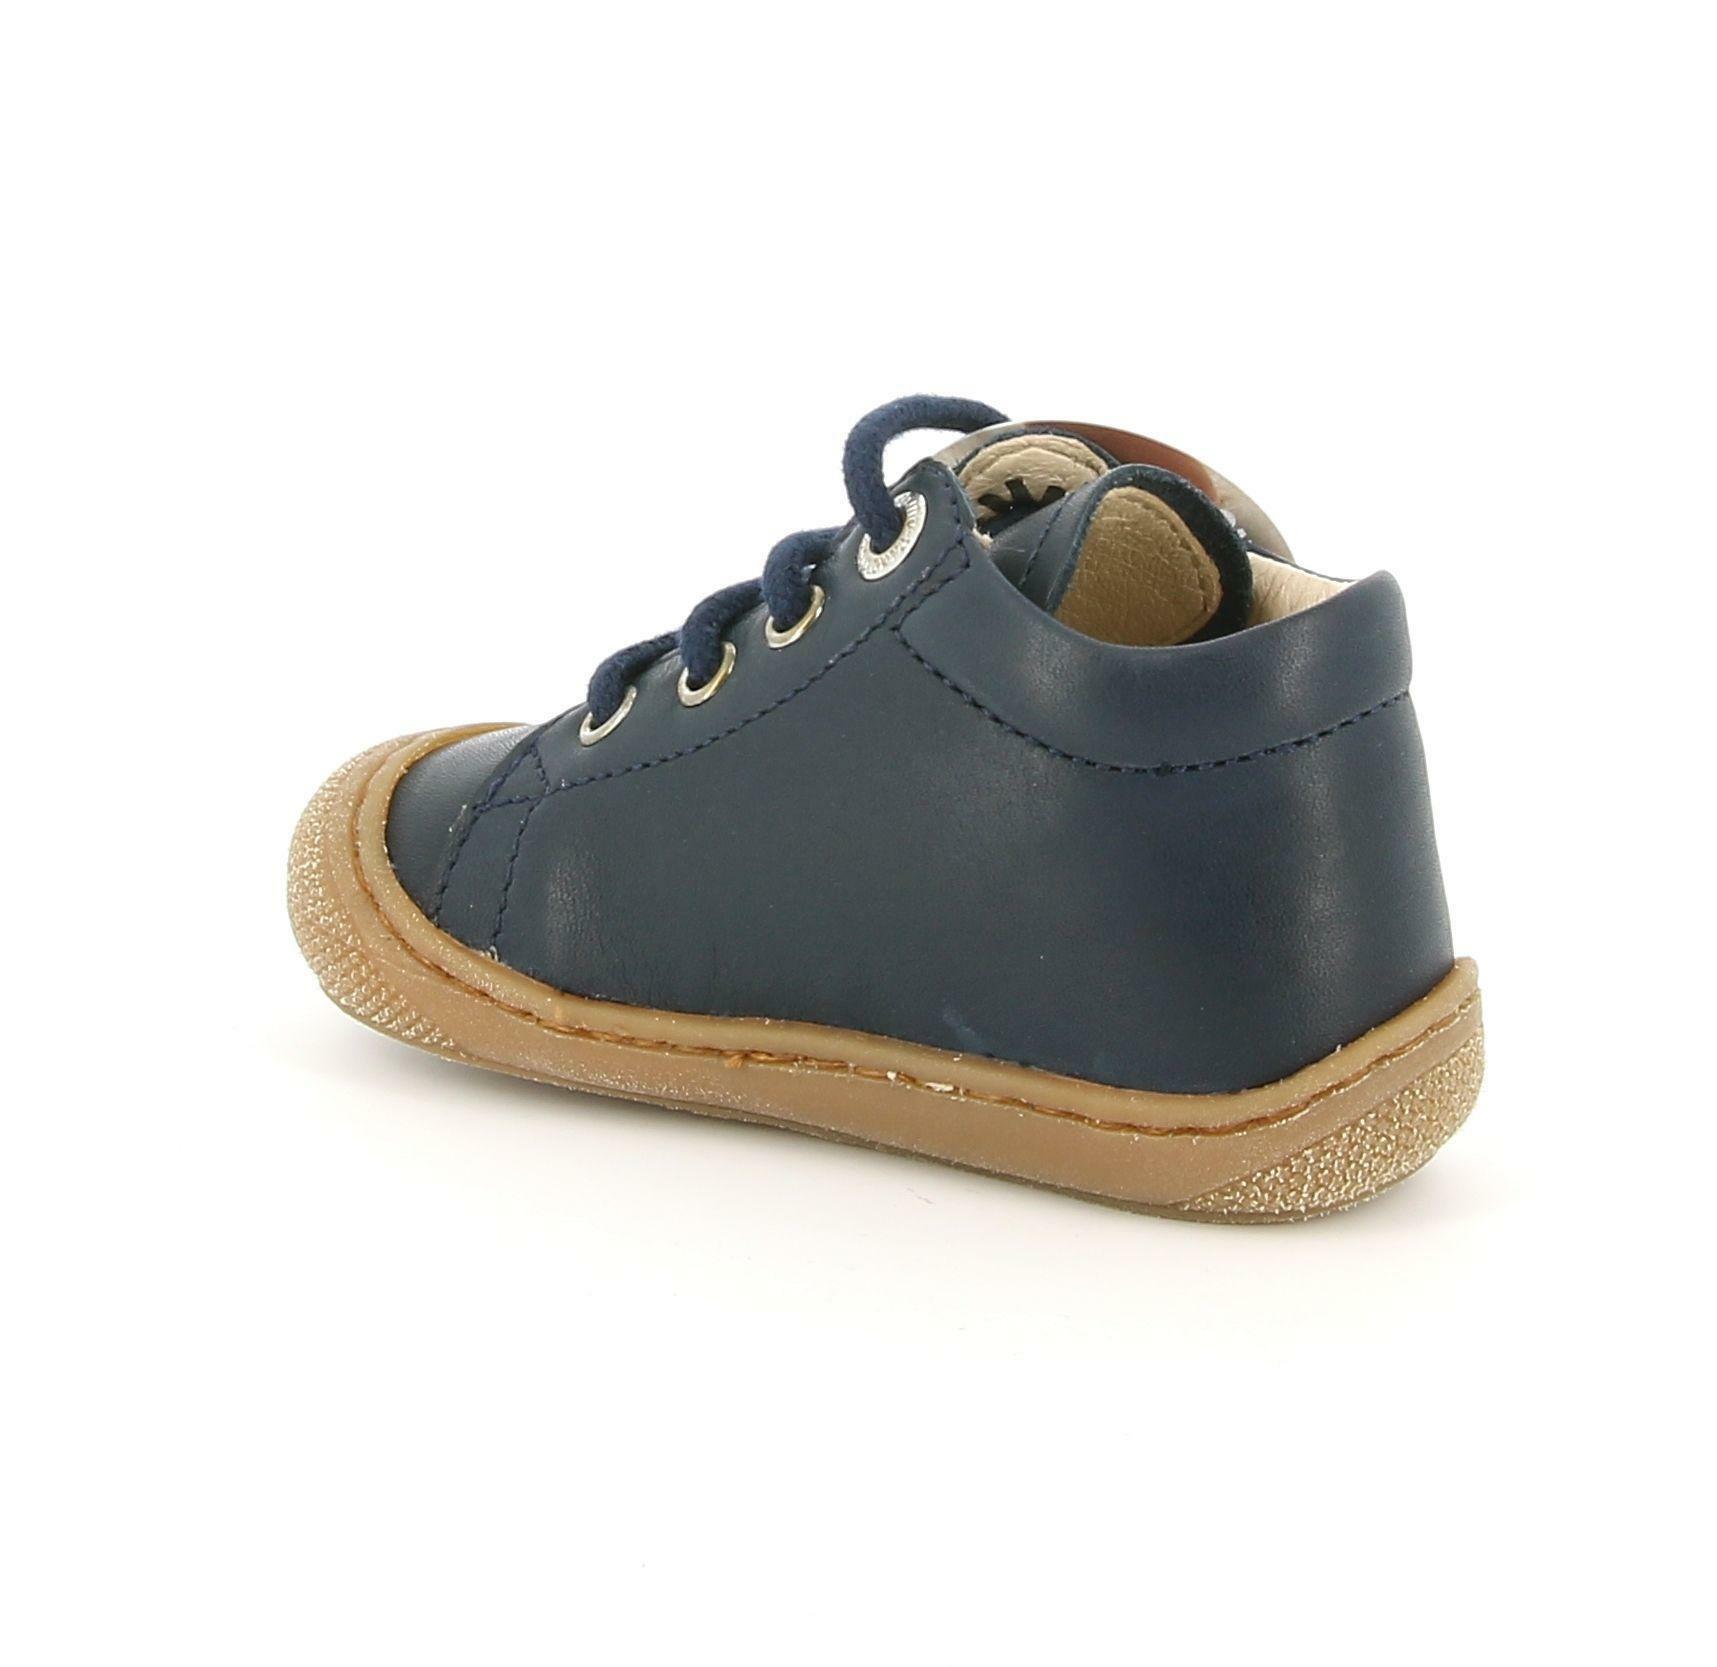 naturino naturino sneakers alta bimbo 2012889 01 0c02 blu